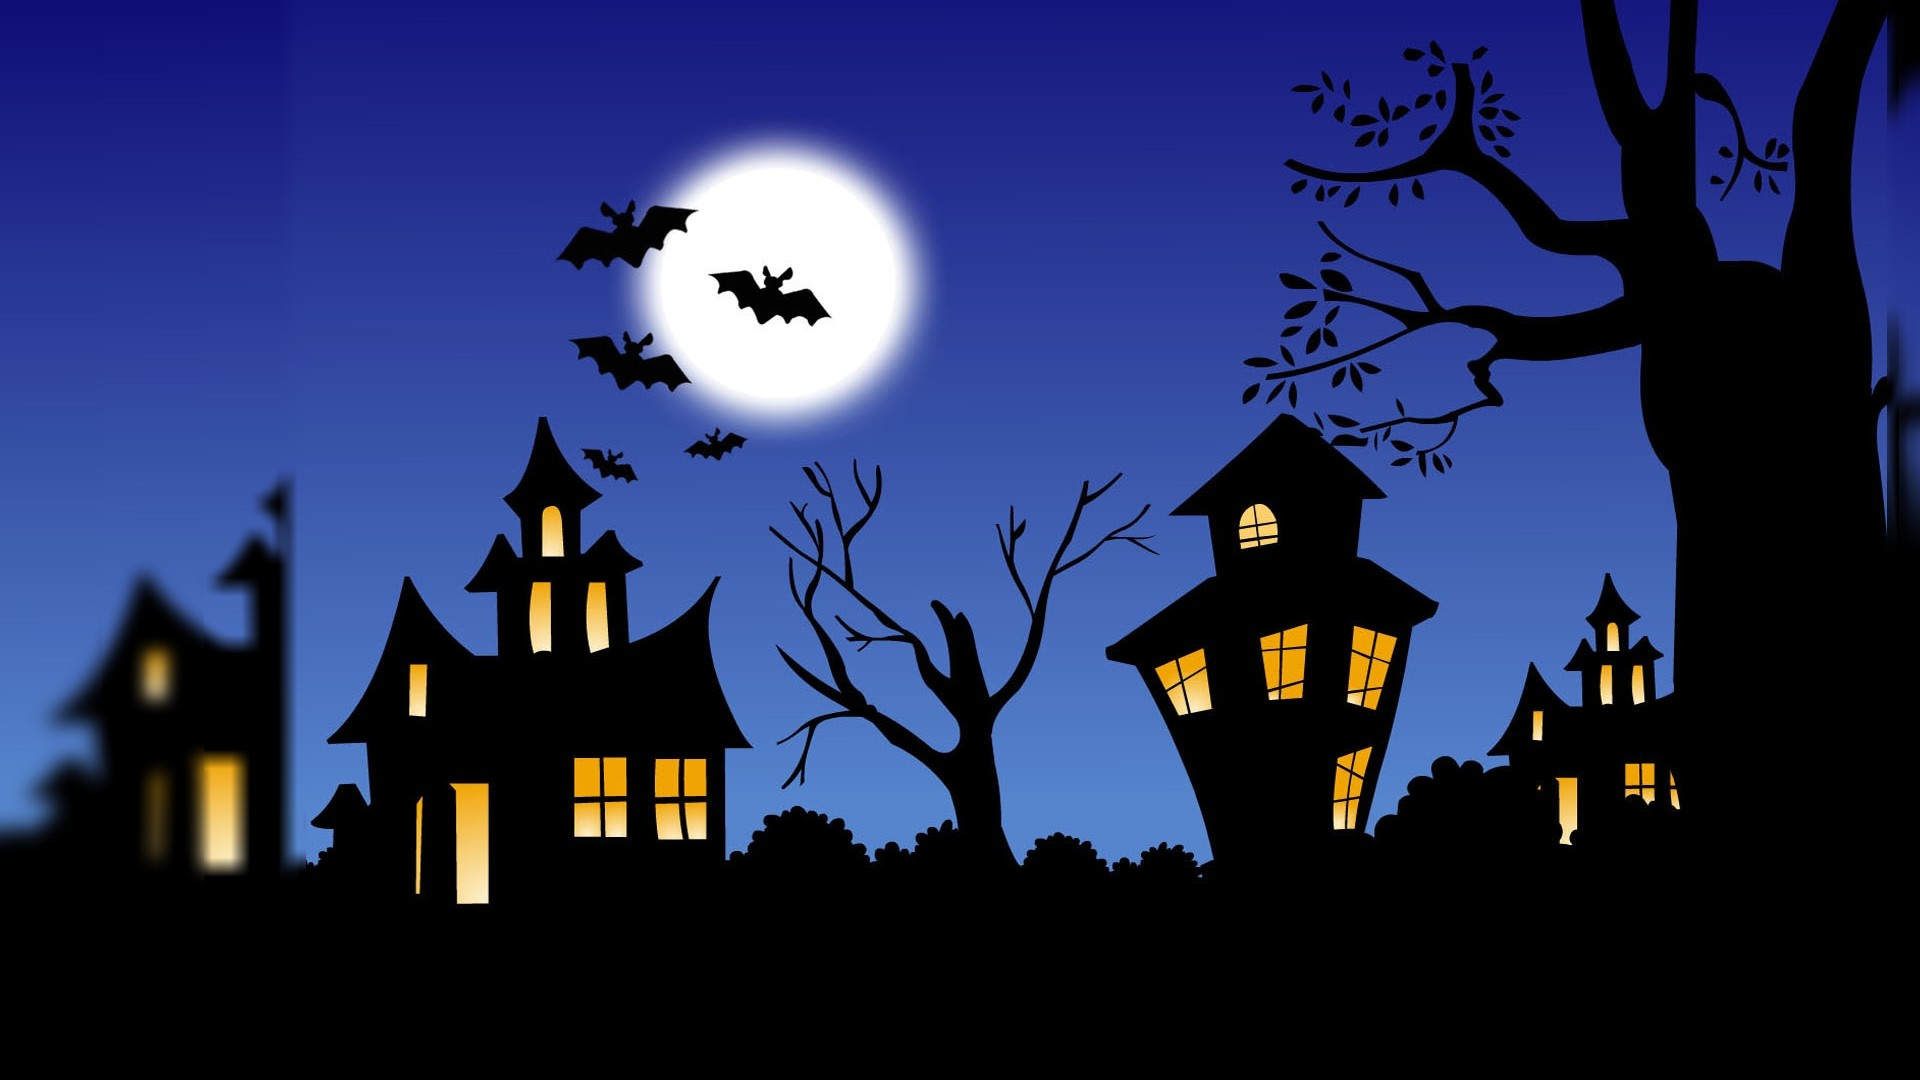 Top Halloween Wallpaper Source · The Best & Spookiest Halloween Apps  TheTechGeek